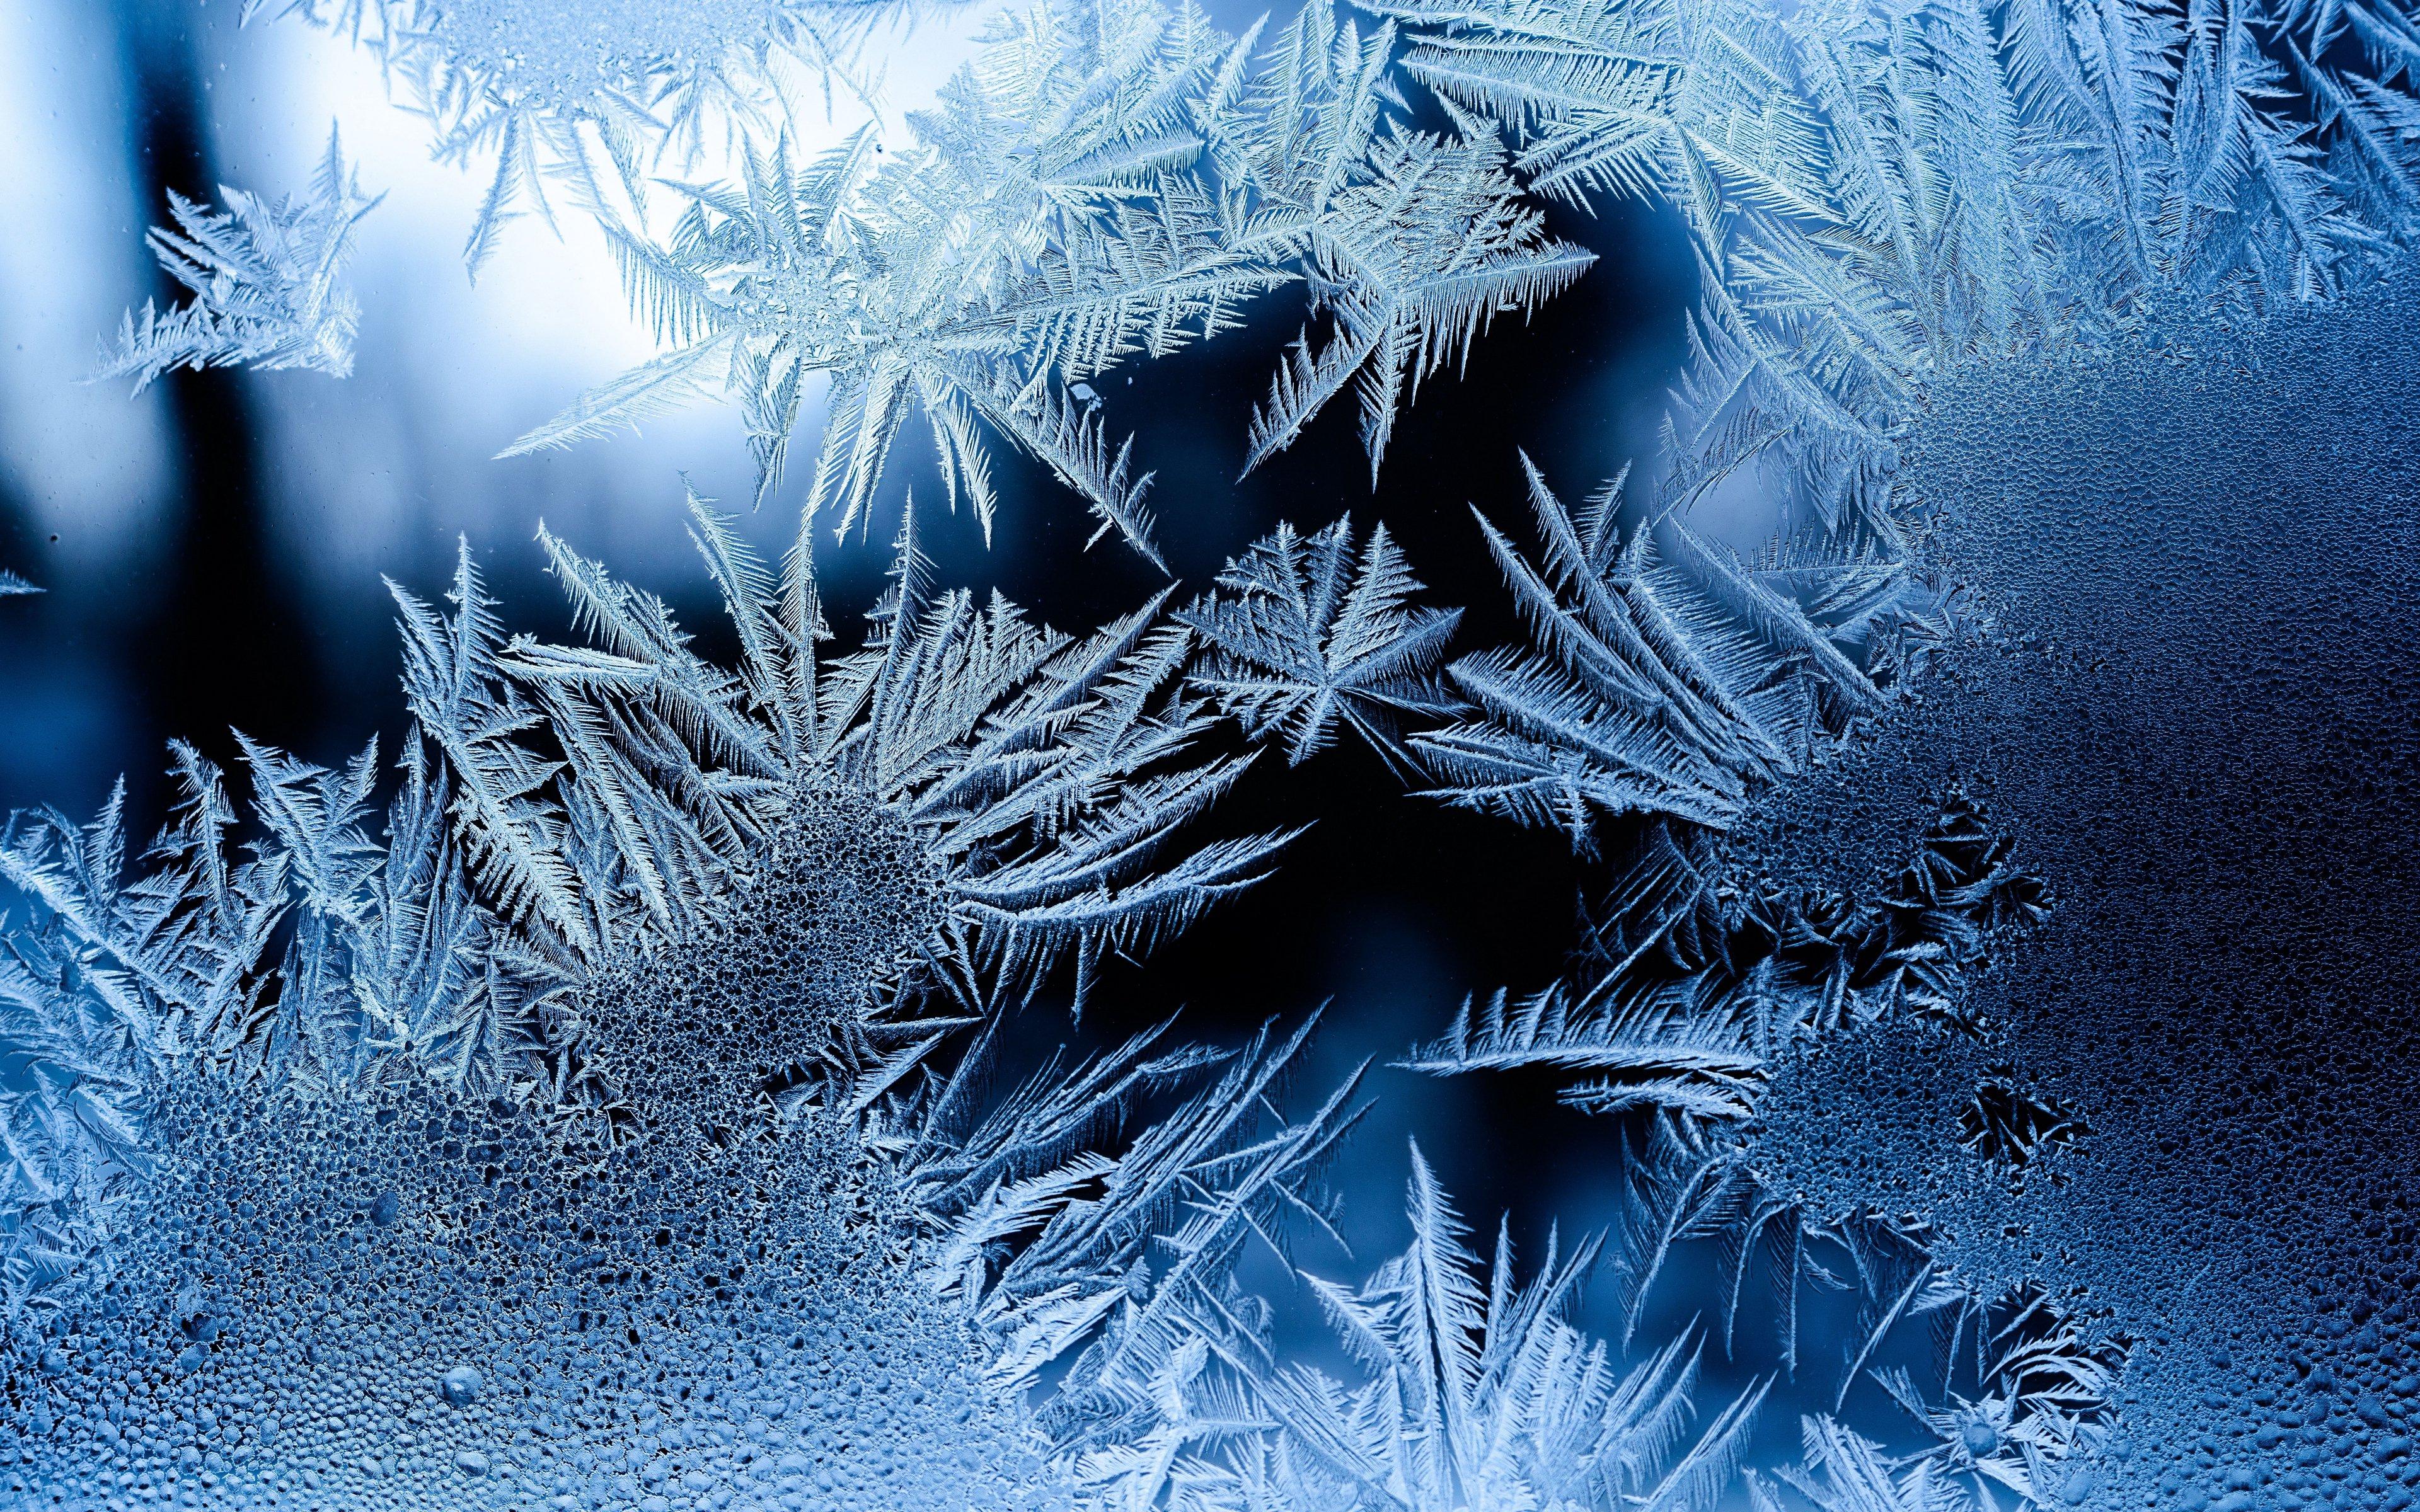 Fondos de pantalla Patrón de copos de nieve